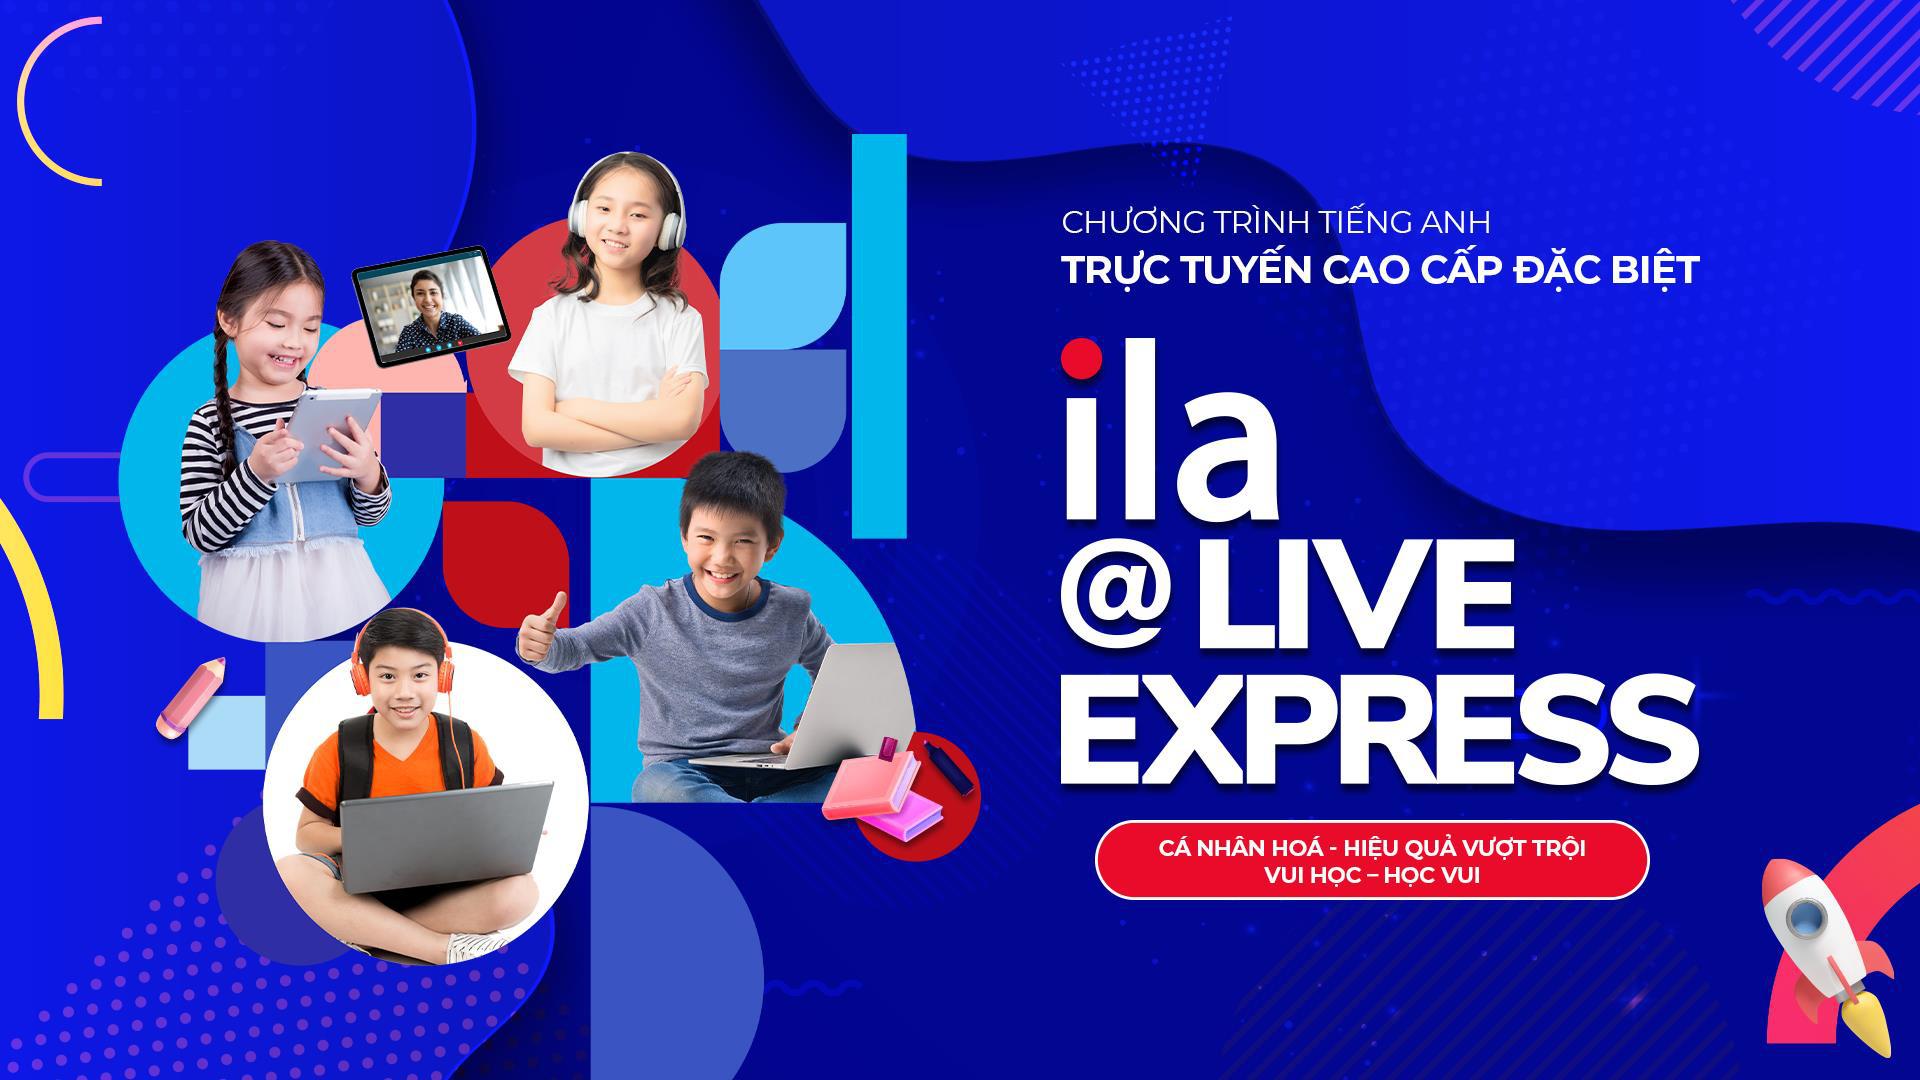 IHọc Anh ngữ trực tuyến mọi lúc mọi nơi với chương trình ILA@Live Express - Ảnh 1.